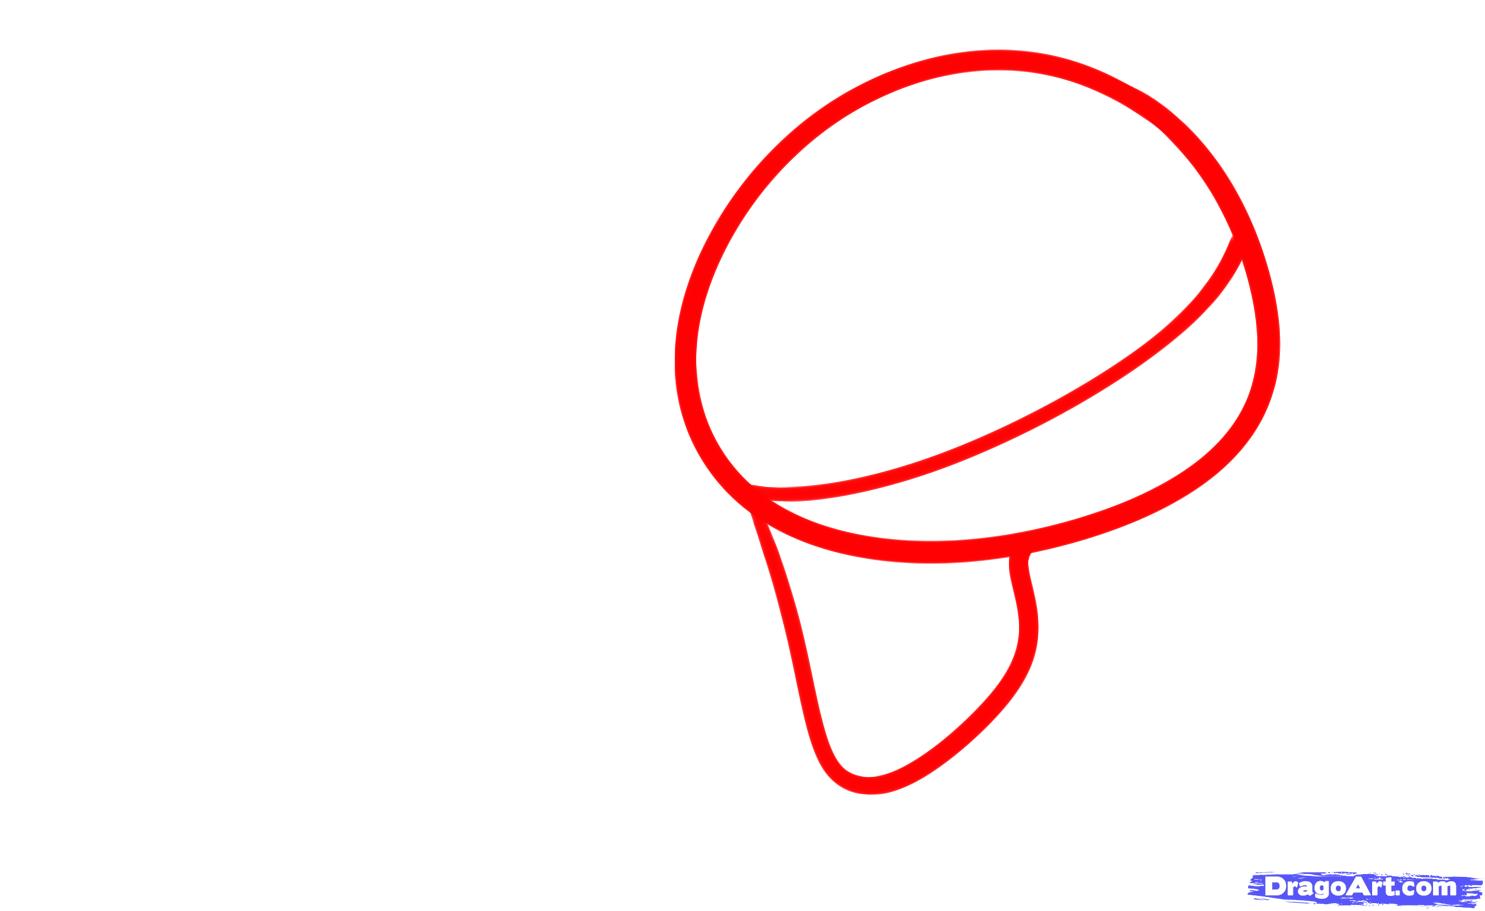 Рисуем череп с розой четками и крестом - шаг 1